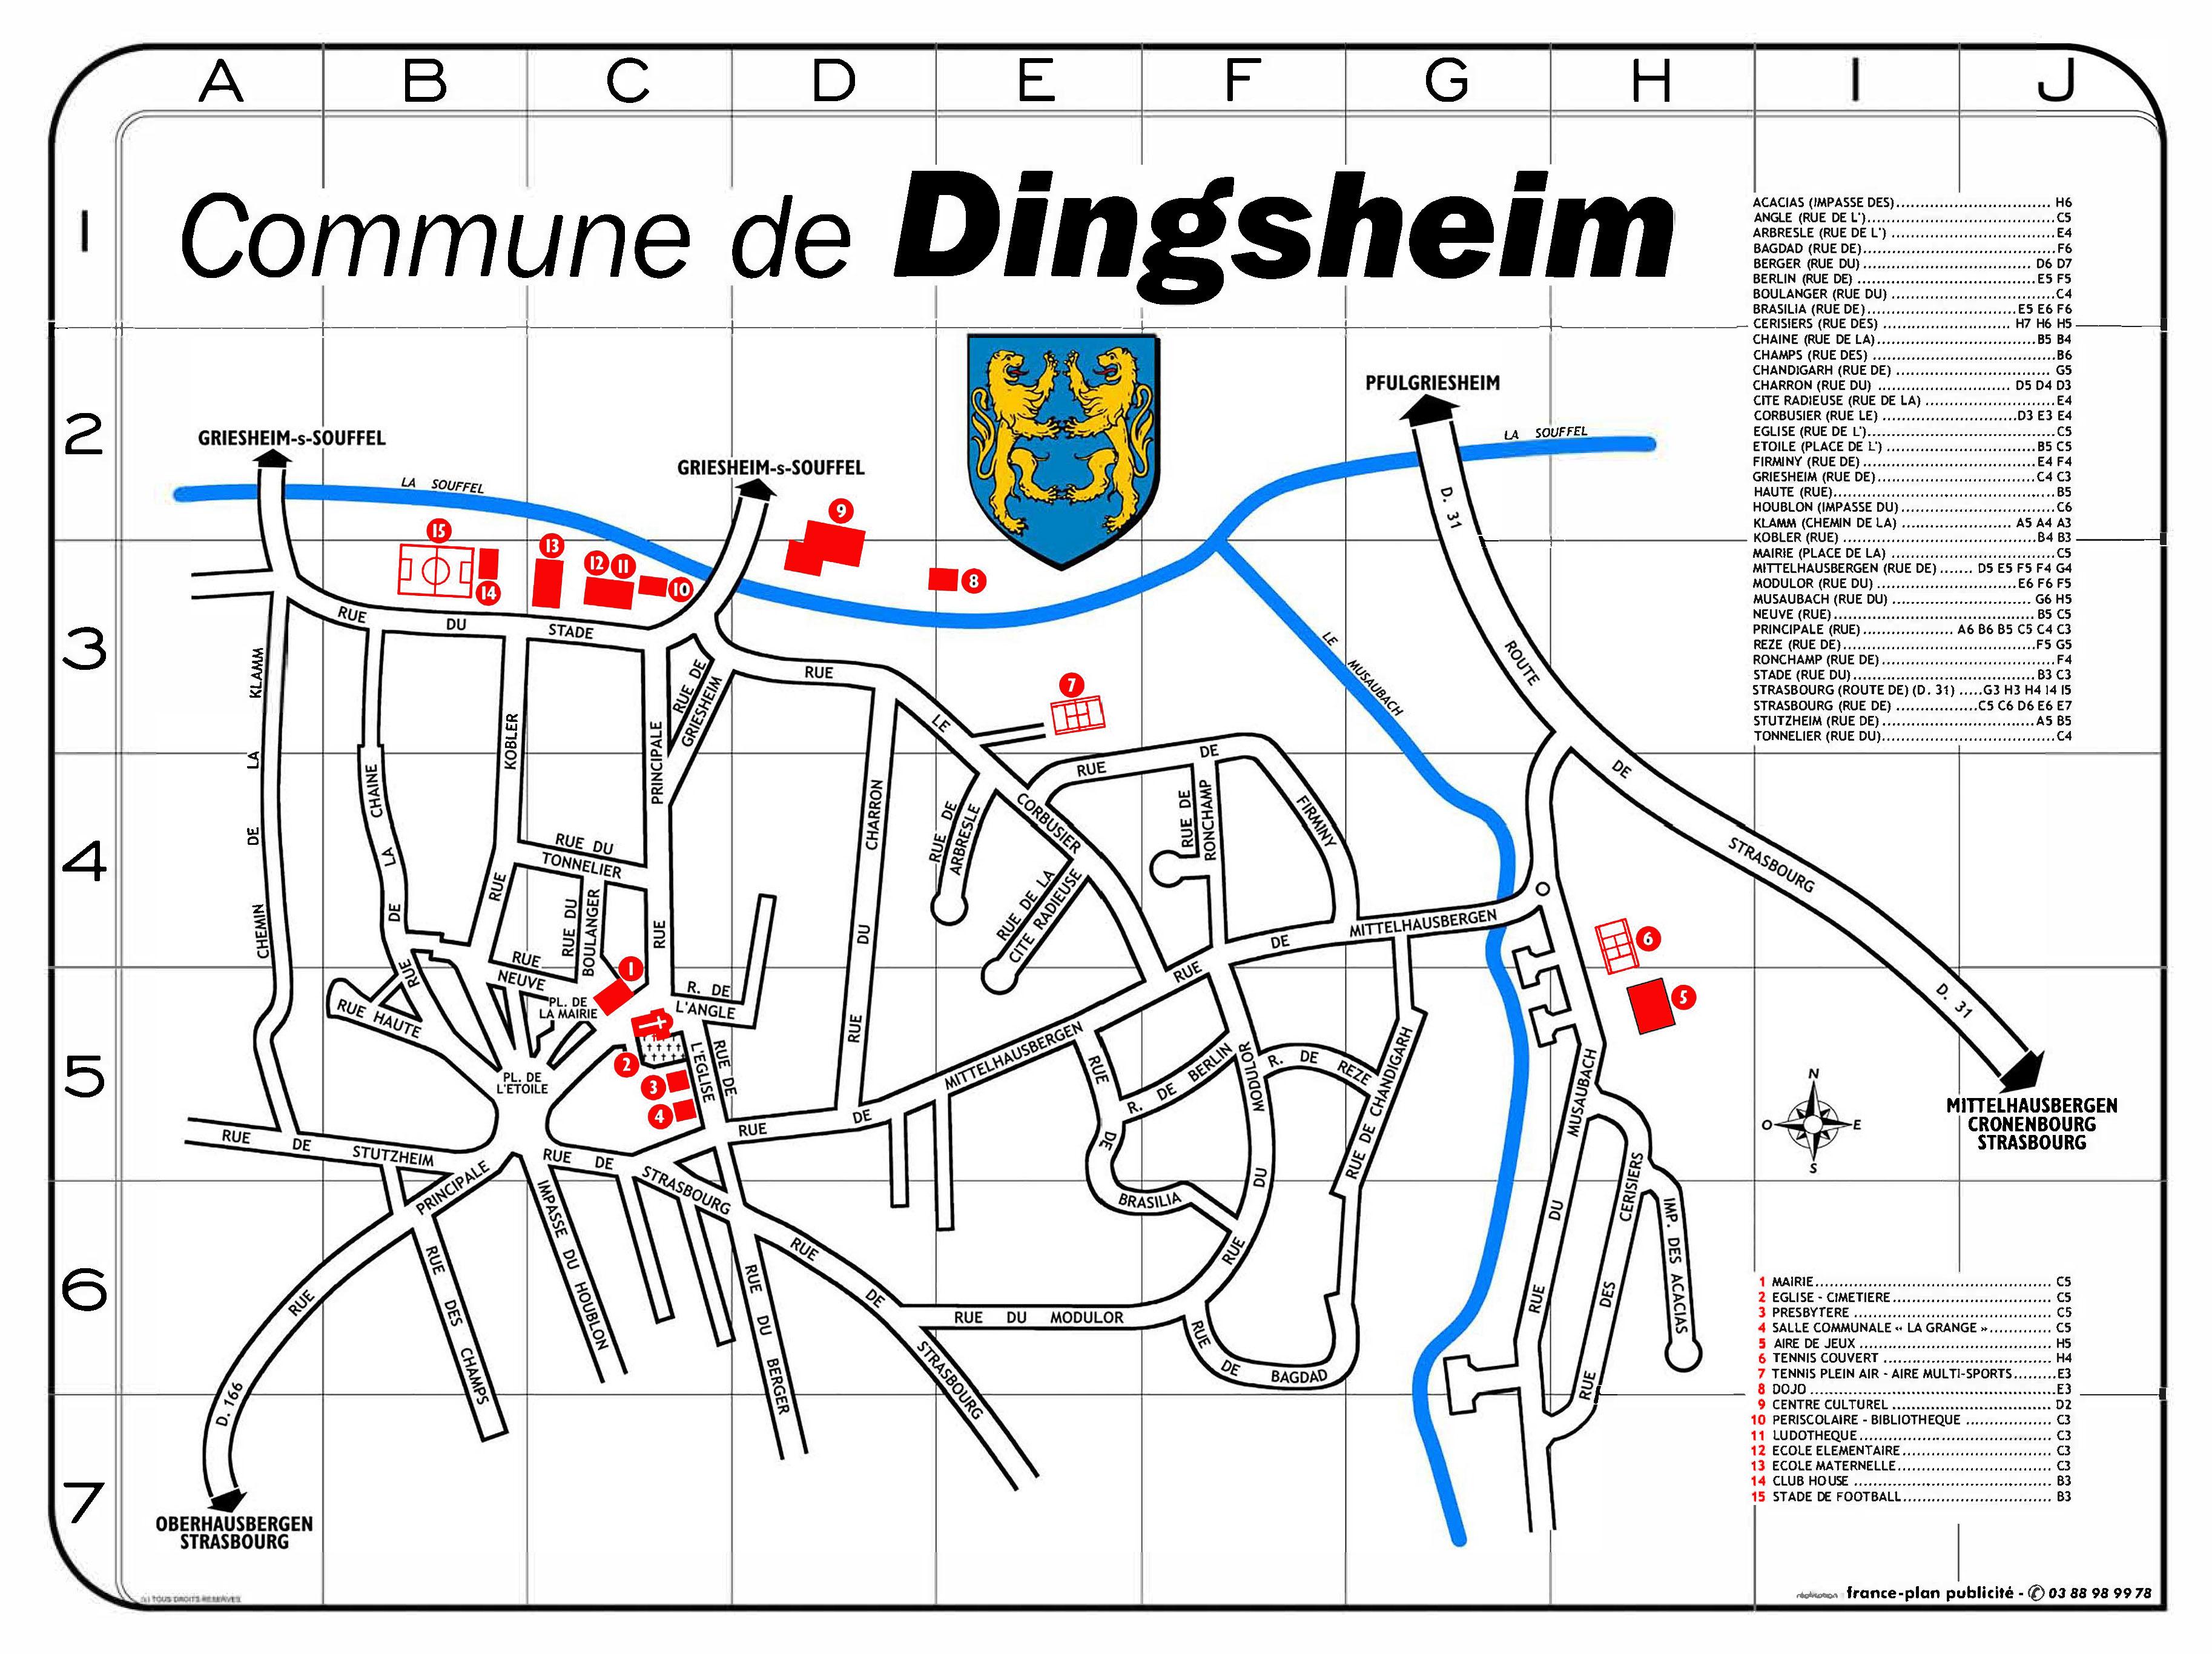 plan_dingsheim.jpg